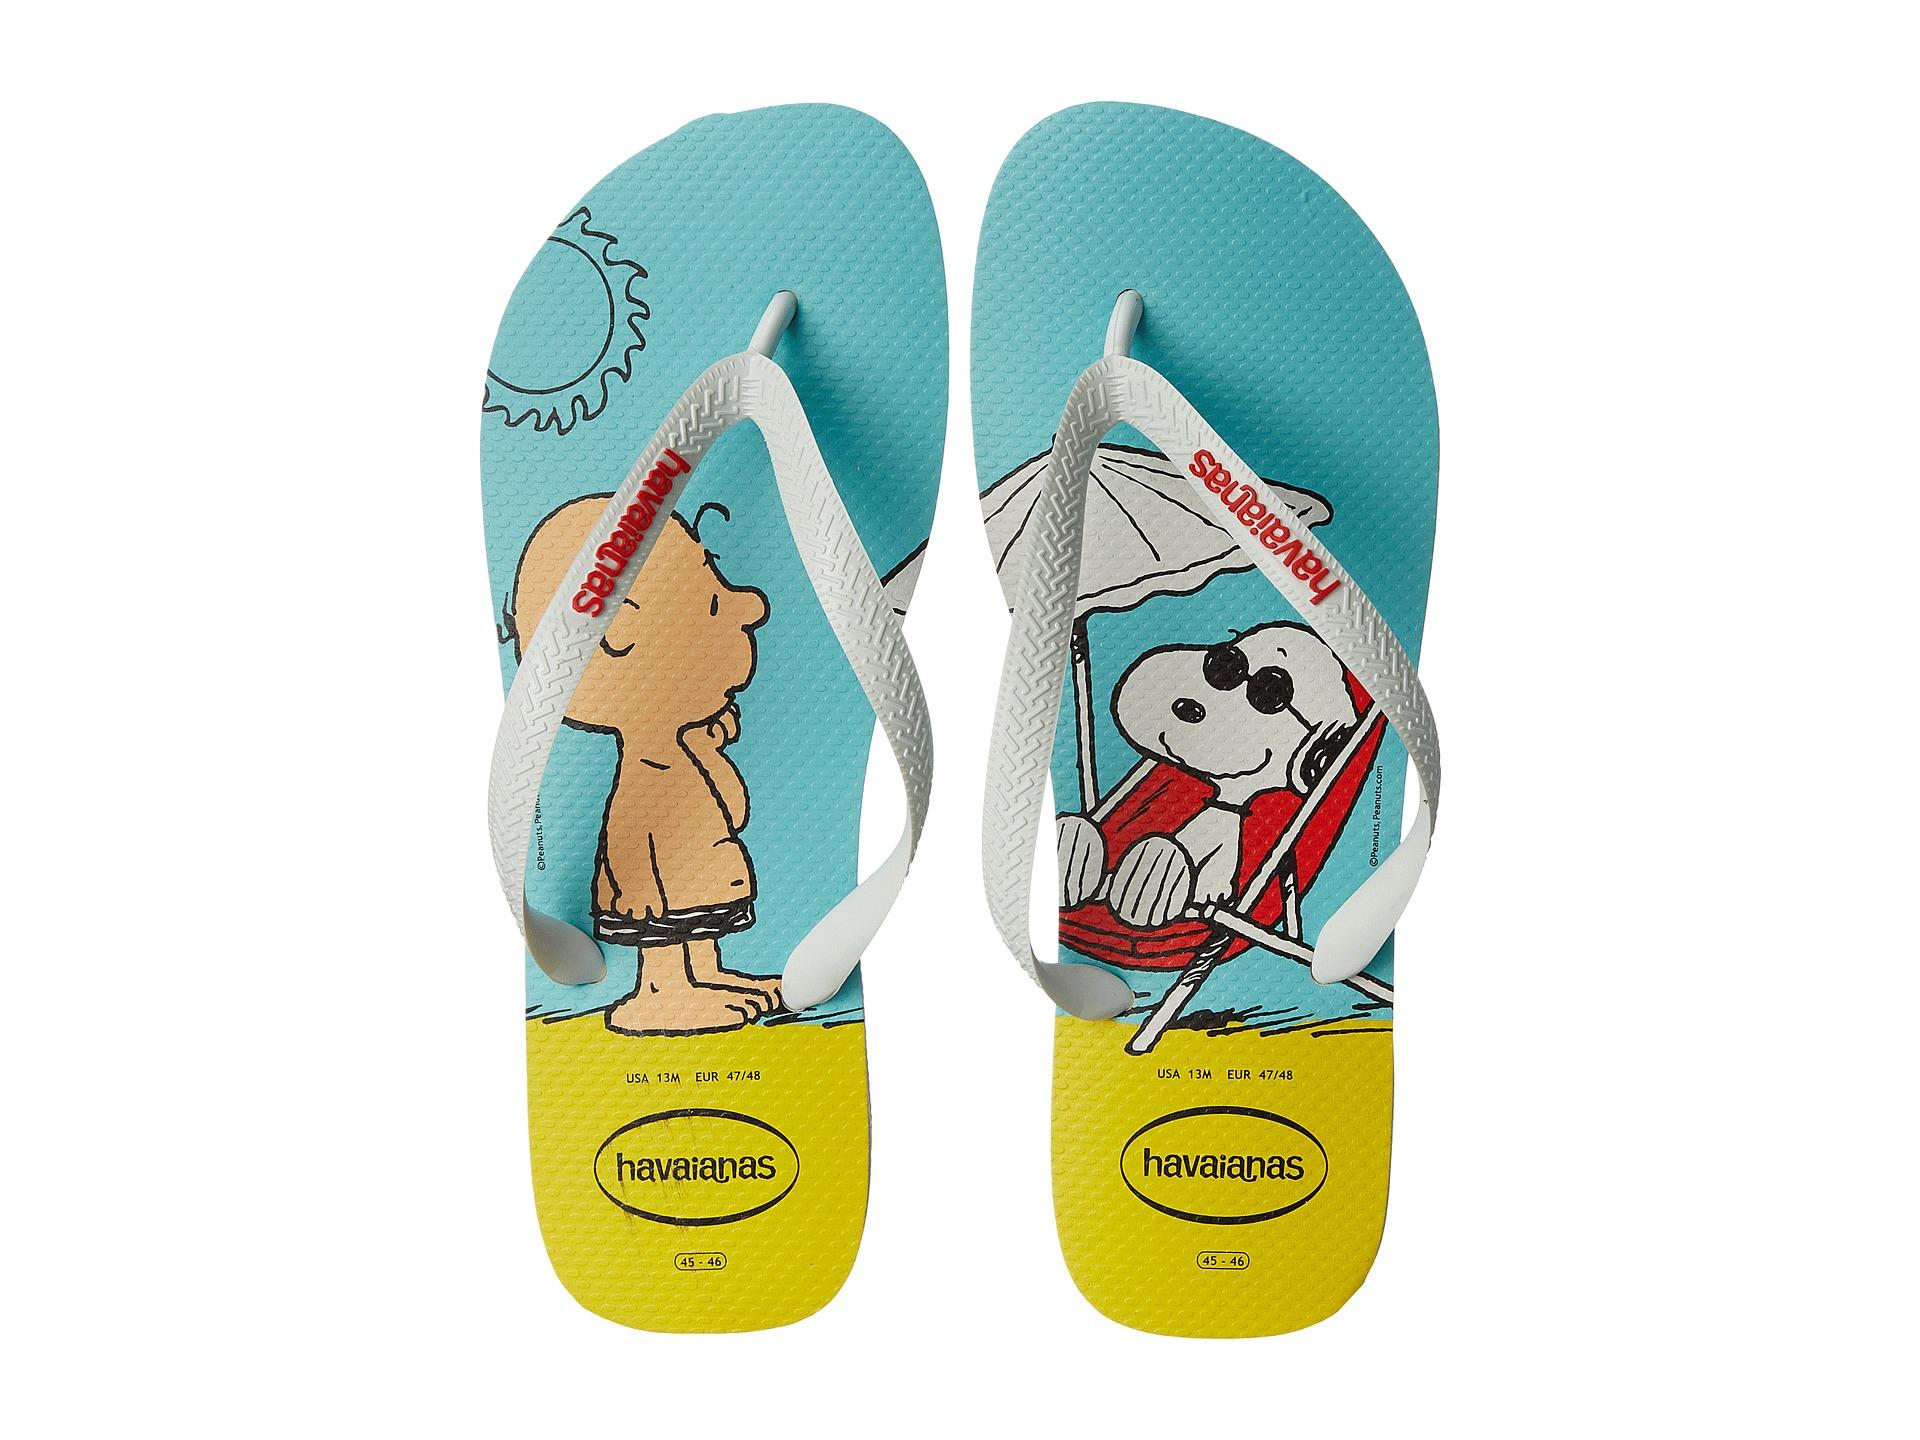 d1761ca2806f6 Lyst - Havaianas Snoopy Flip Flops in White